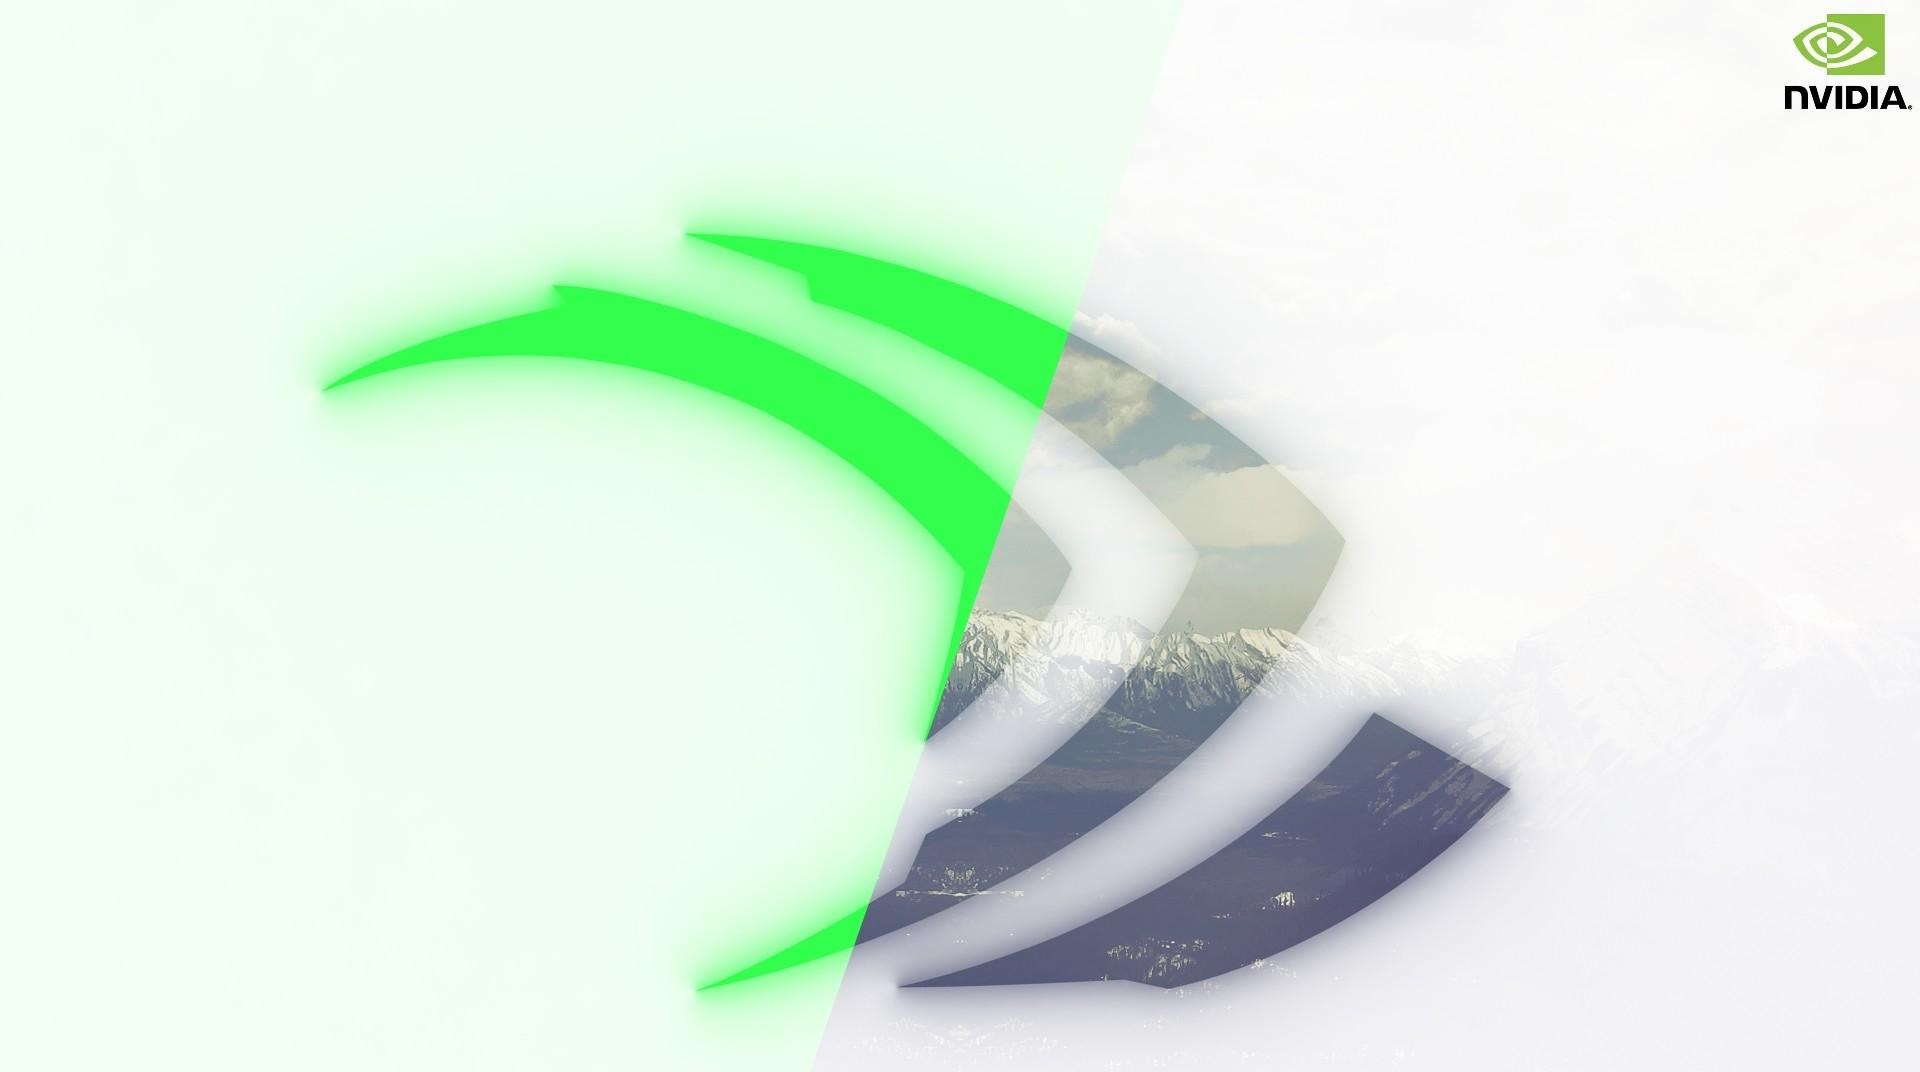 デスクトップ壁紙 ロゴ 緑 Gtx 980 Nvidia Geforce Gtx Titan Z